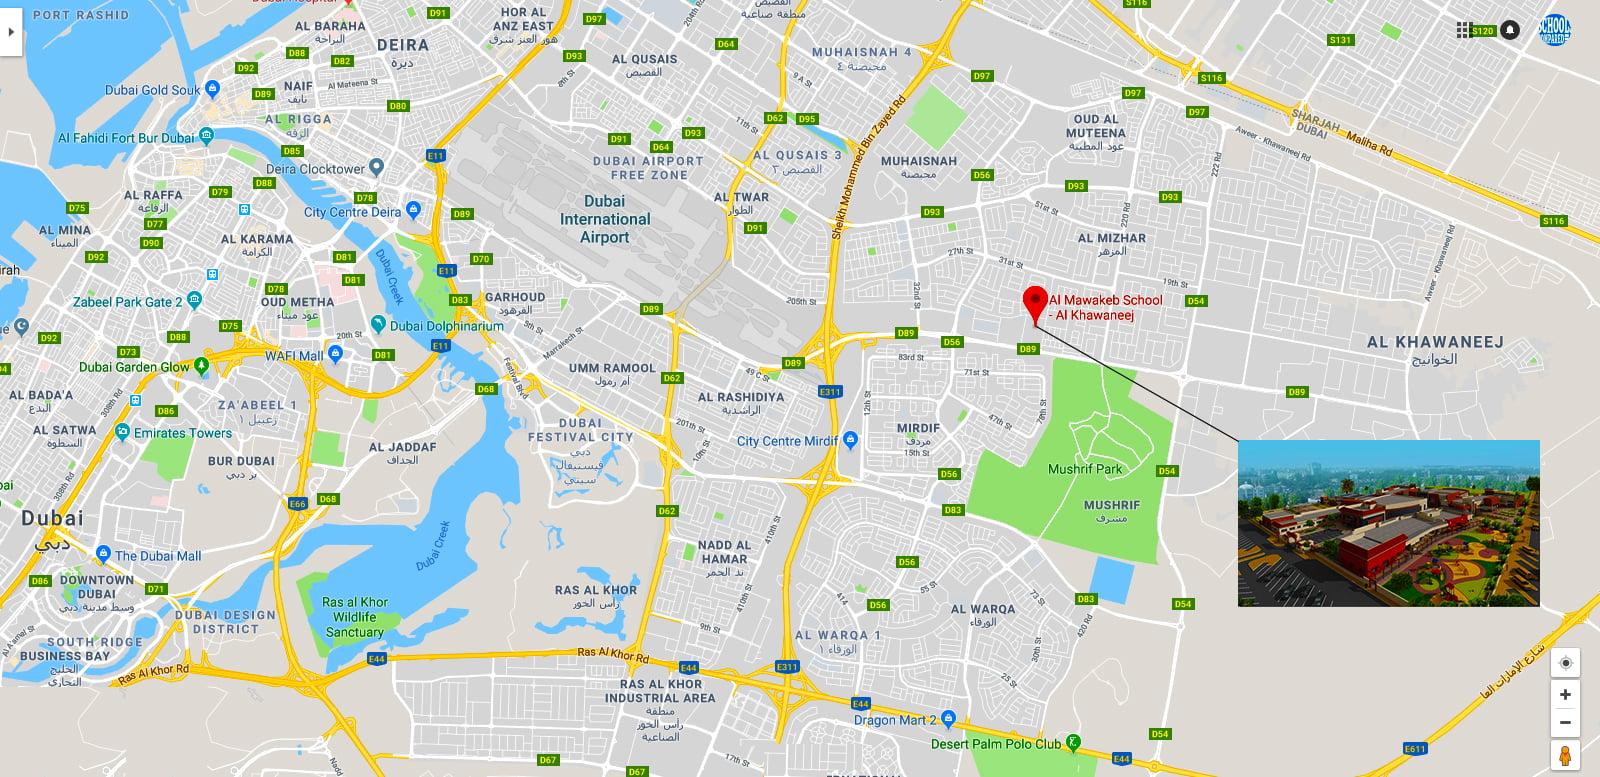 Karte mit dem Standort der geplanten Al Mawakeb-Schule Al Khawaneej, die im September 2018 eröffnet werden soll